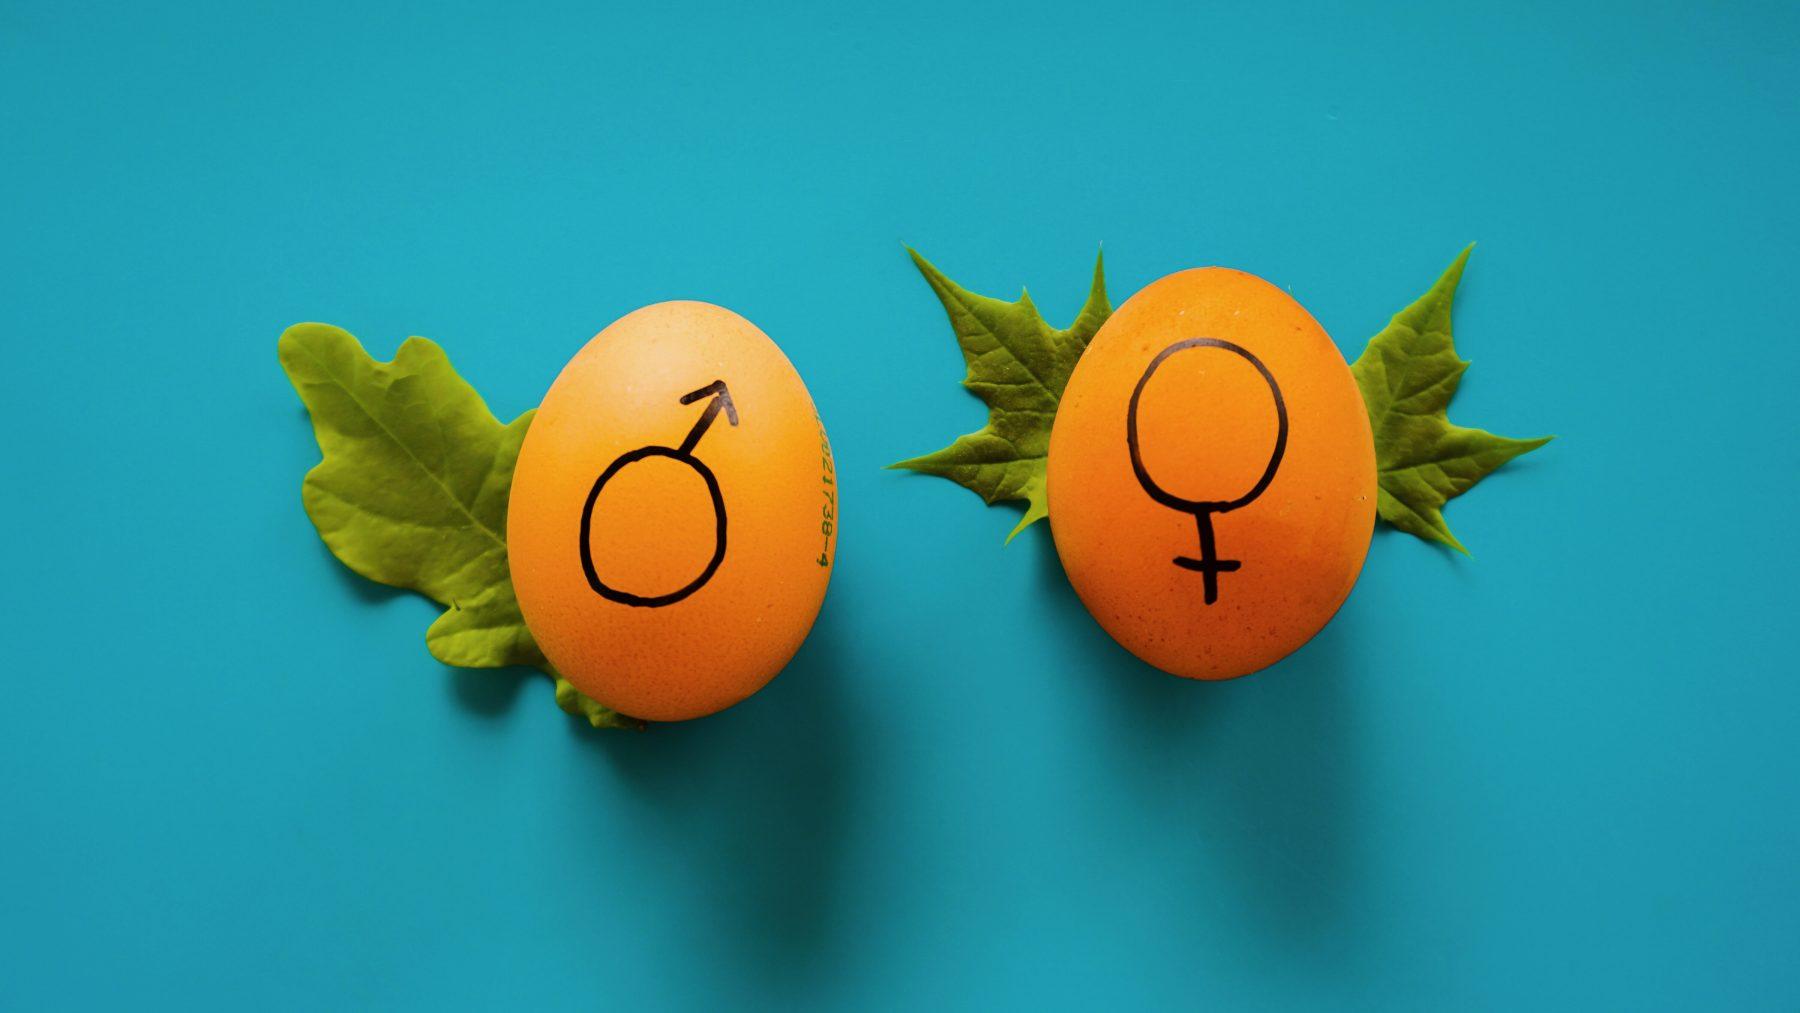 vrouw-anders-huisarts-dan-man-onderzoek-ballering-plug